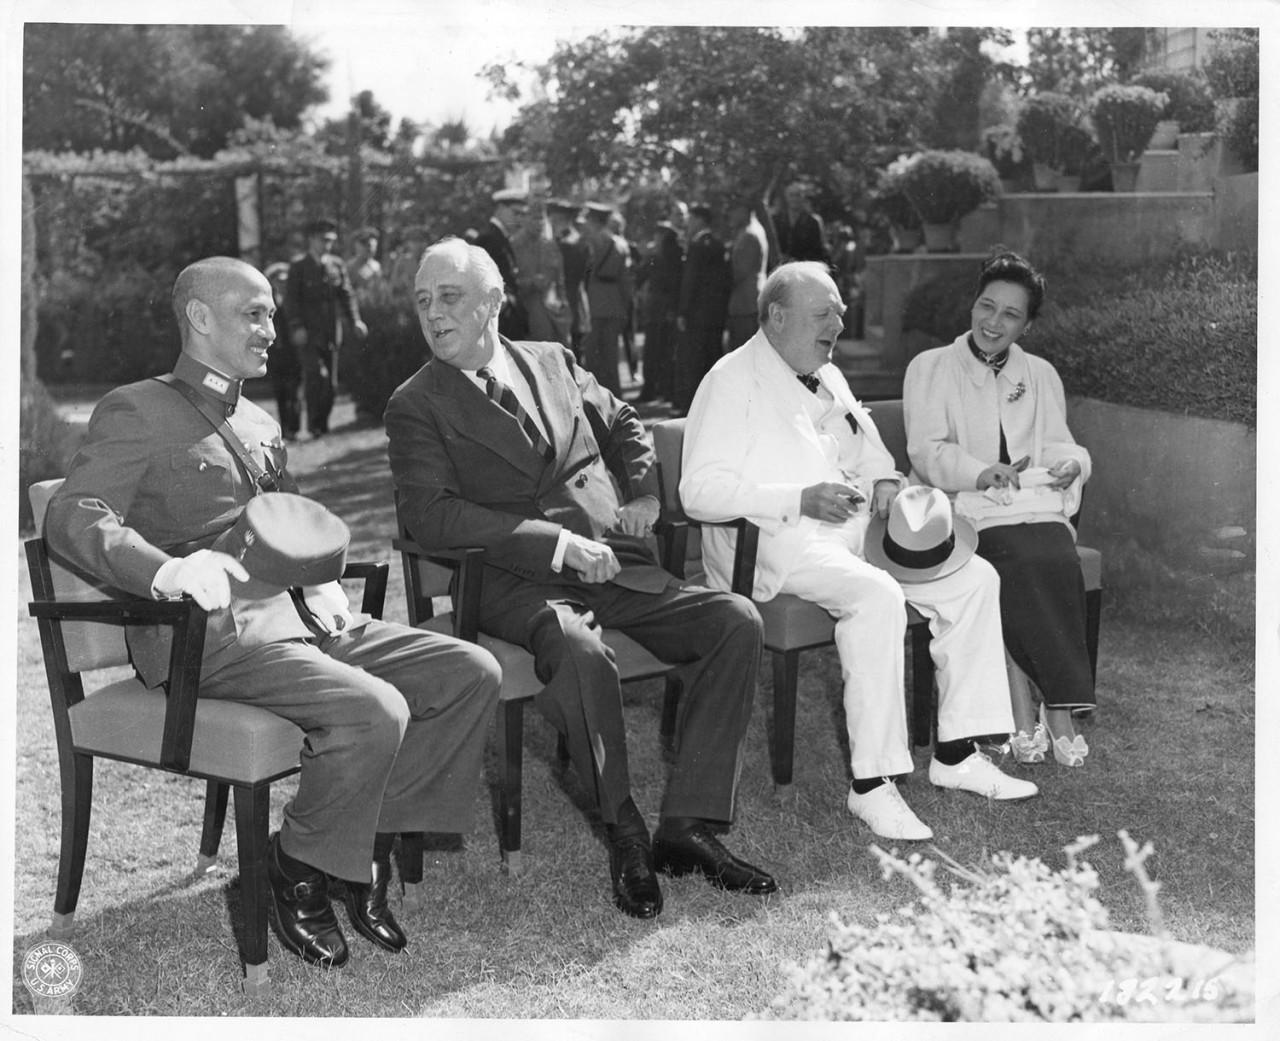 抗战时代美国顾问,曾提议将裕仁天皇流放中国